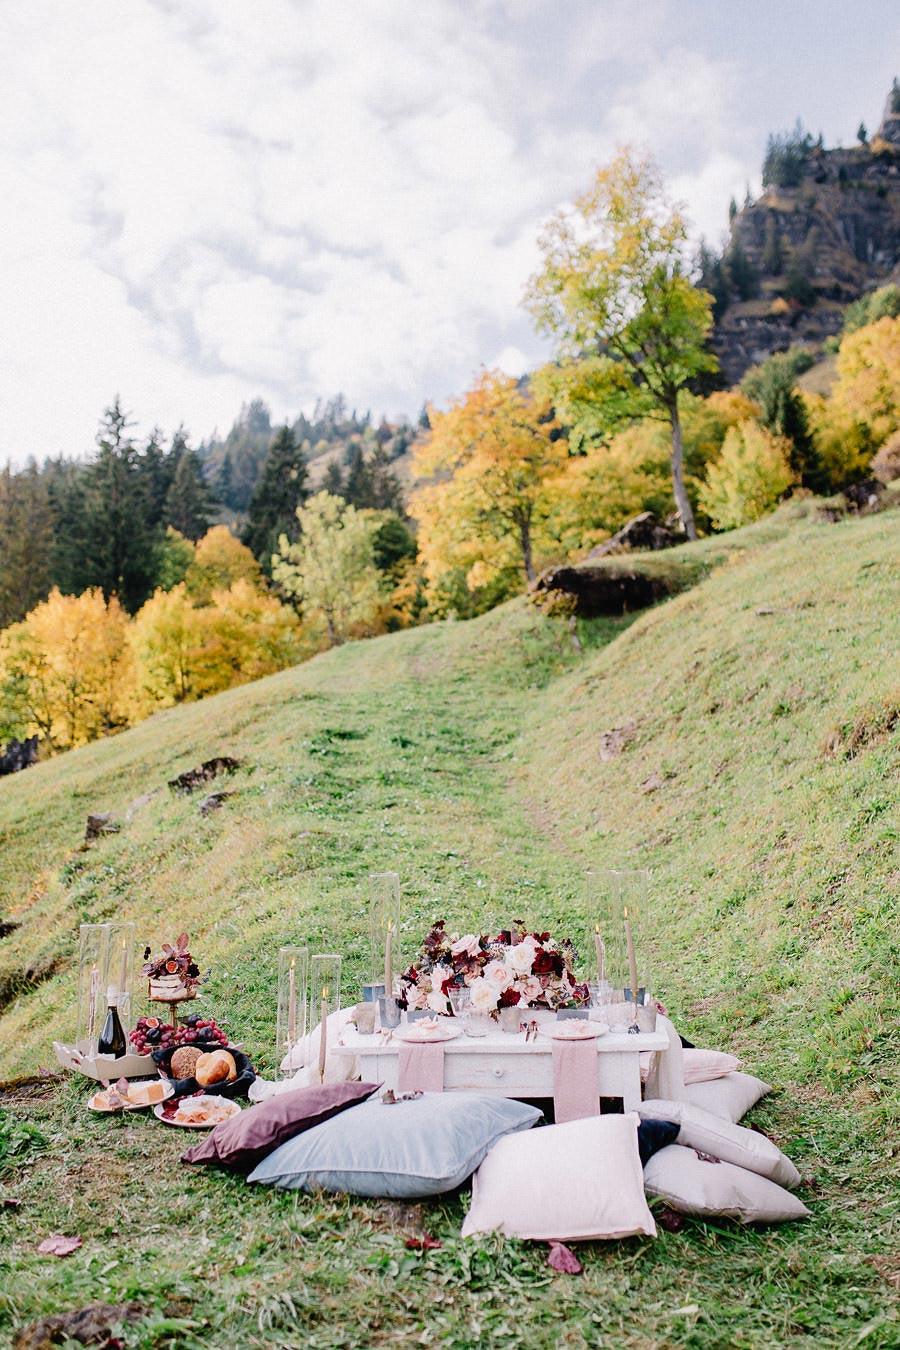 An Autumn Elopement in the Swiss Alps #destinationweddings #elopementinspiration #autumntablescapeideas